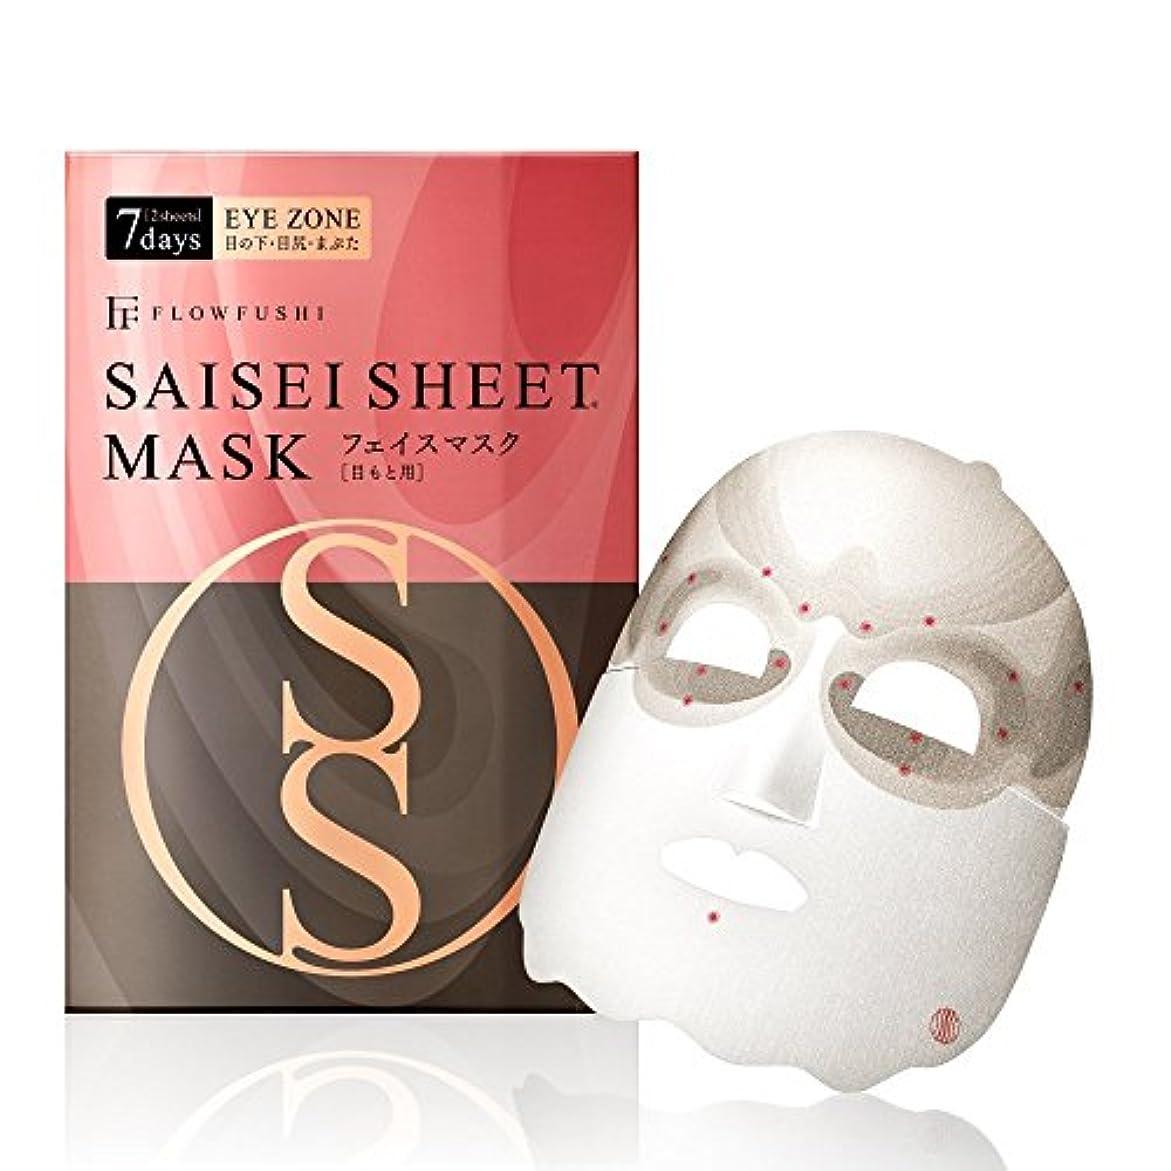 前提条件一時停止そうでなければSAISEIシート マスク [目もと用] 7days 2sheets